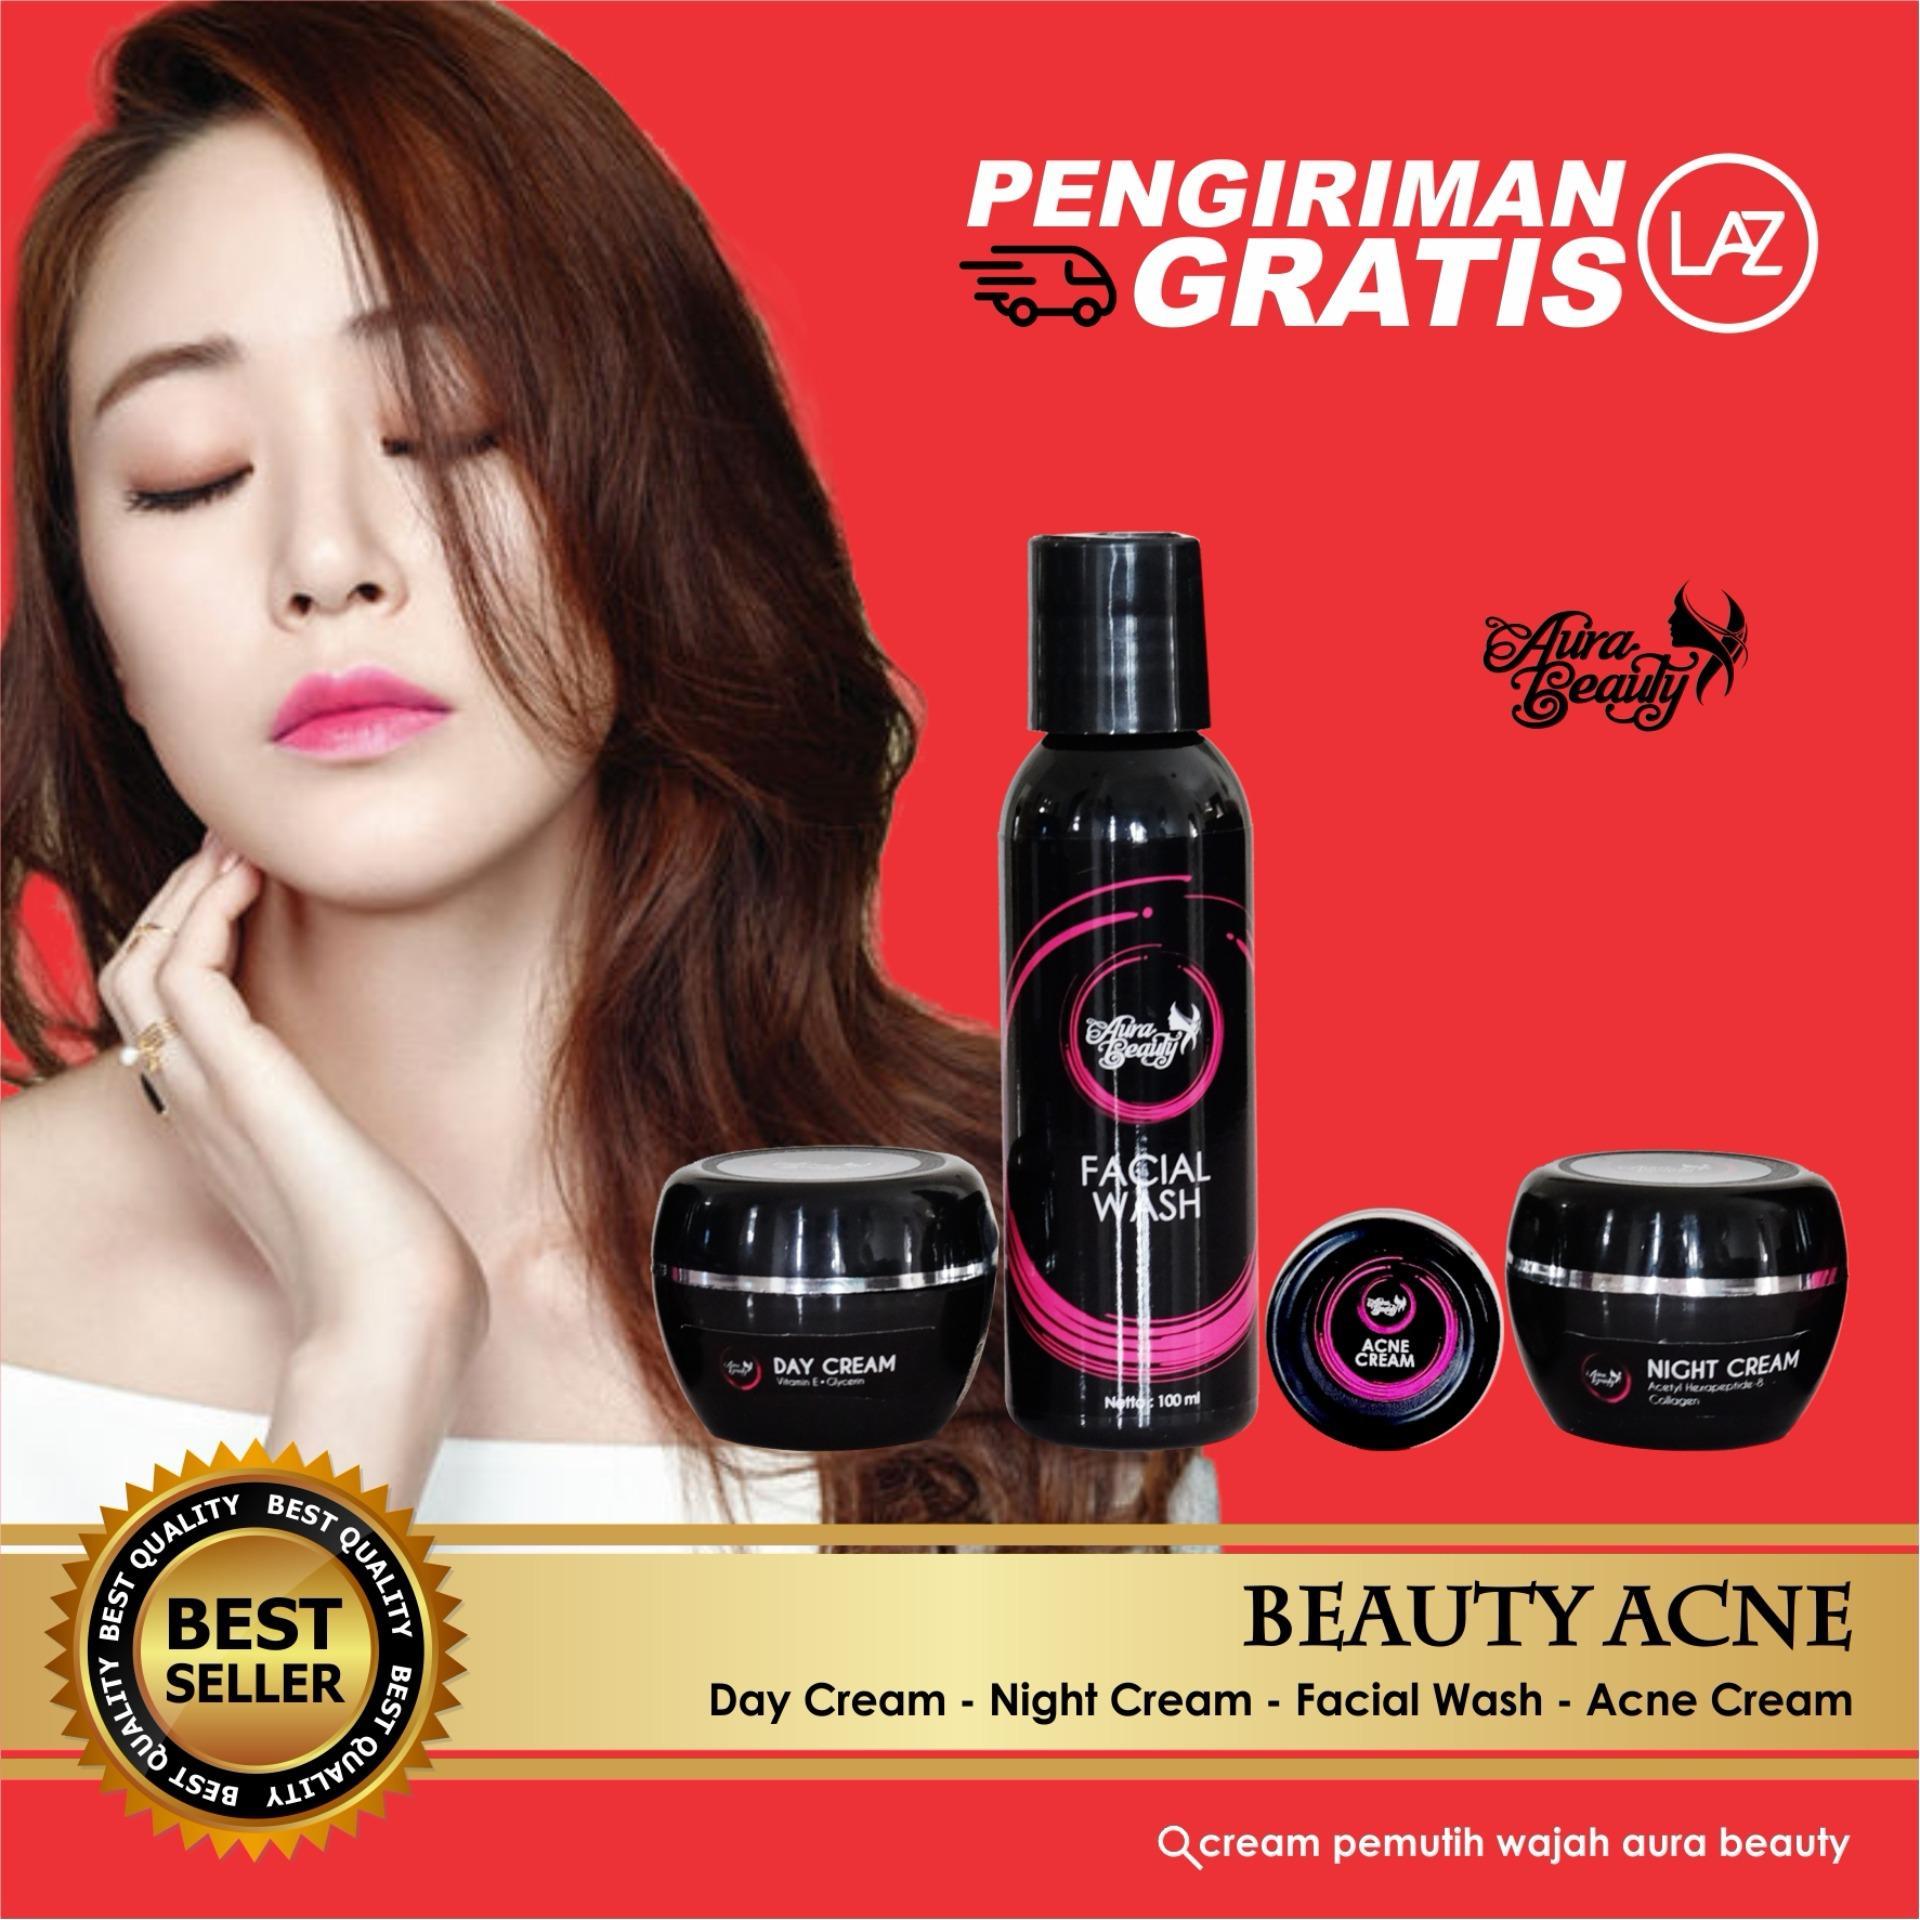 Jual Paket Cream Obat Penghilang Jerawat Cream Penghilang Bekas Jerawat Cream Bopeng Aurabeauty Murah Di Di Yogyakarta